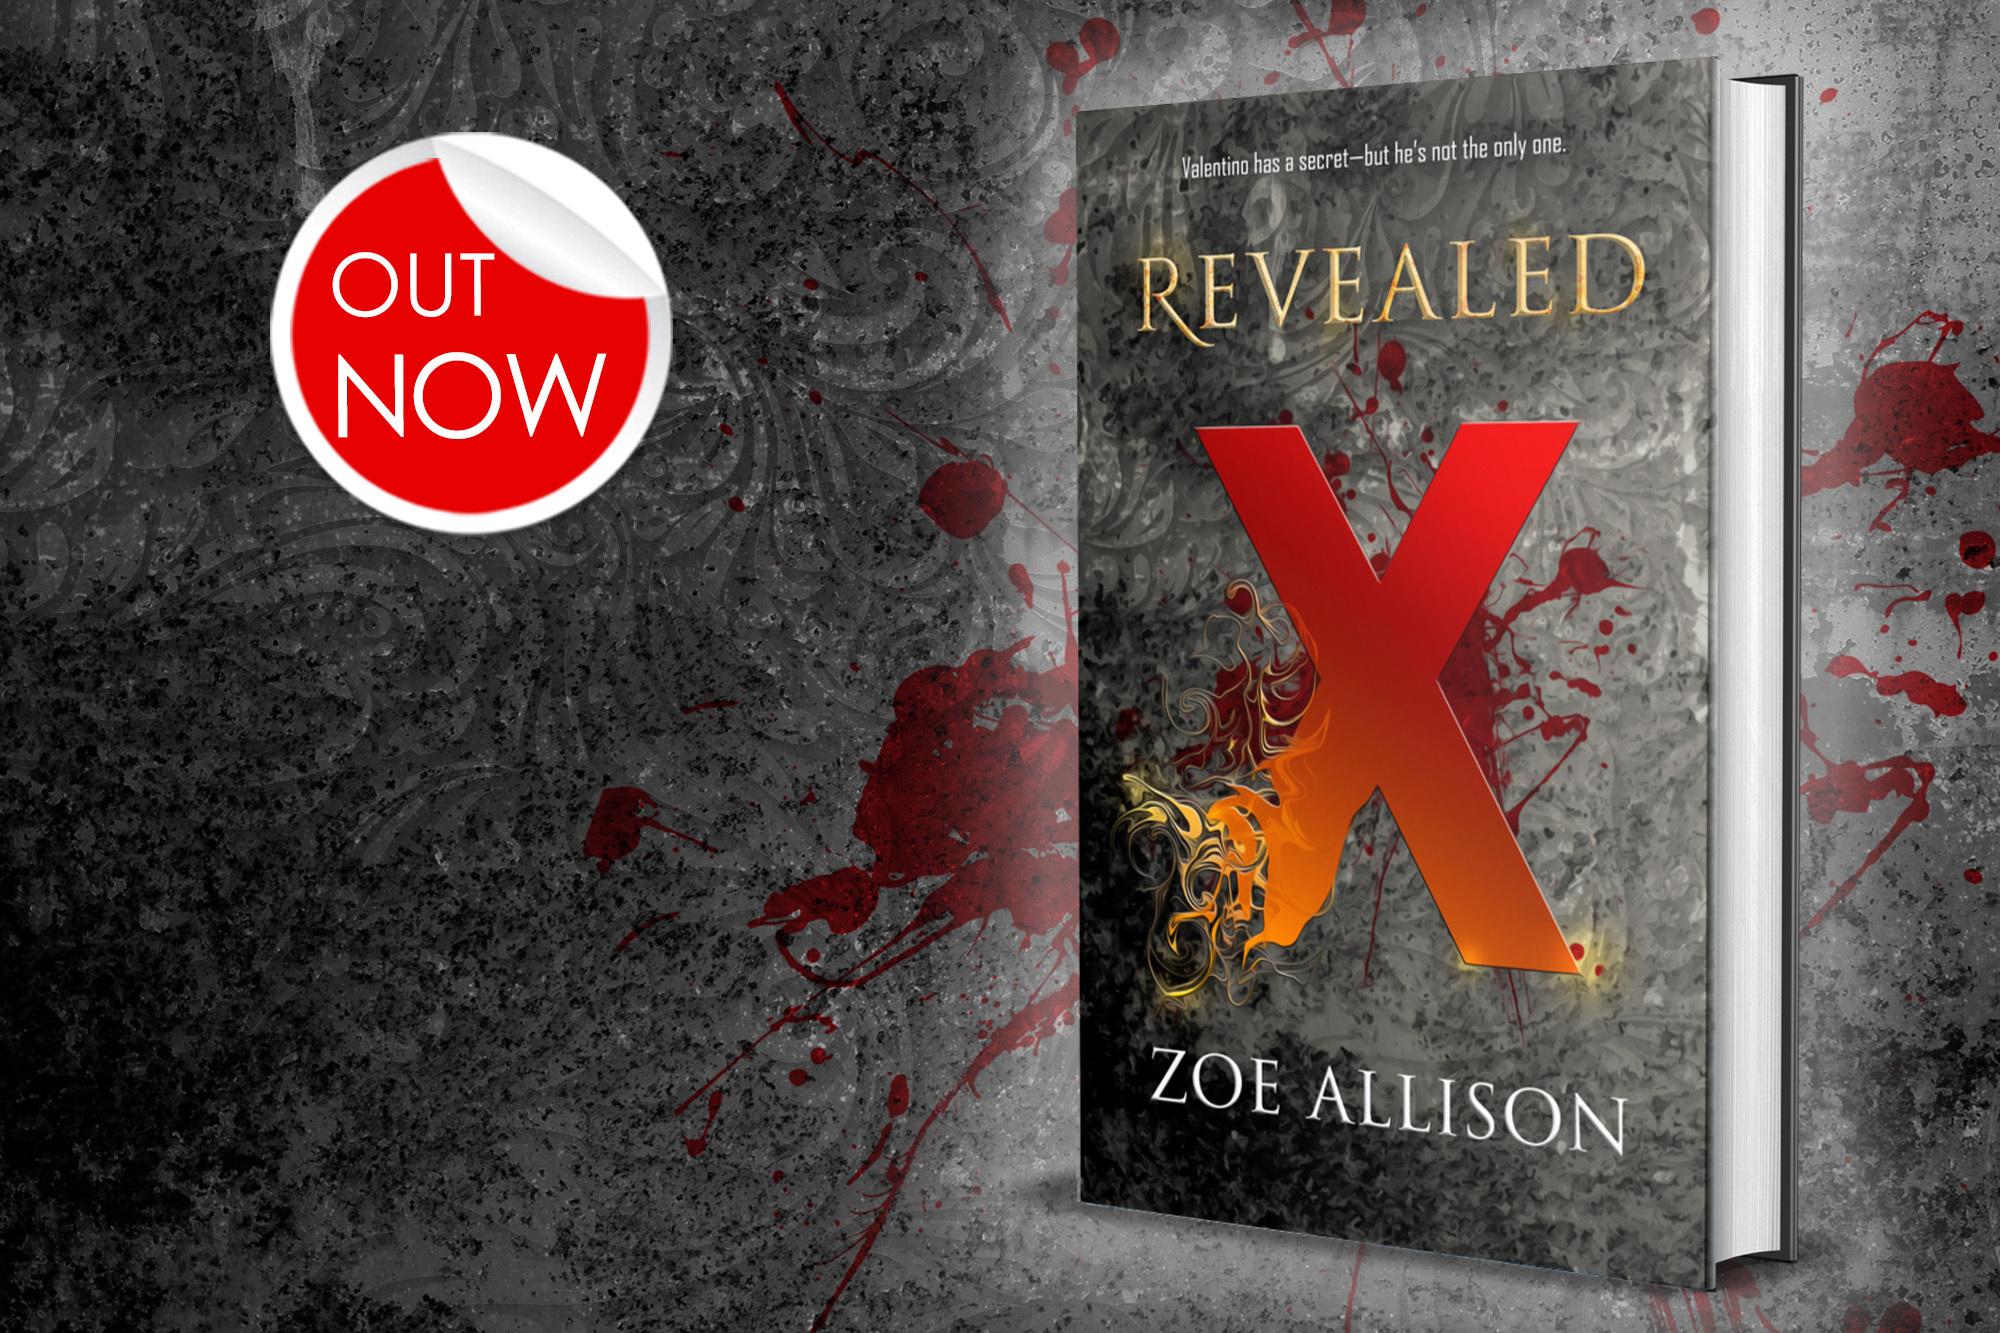 Revealed by Zoe Allison